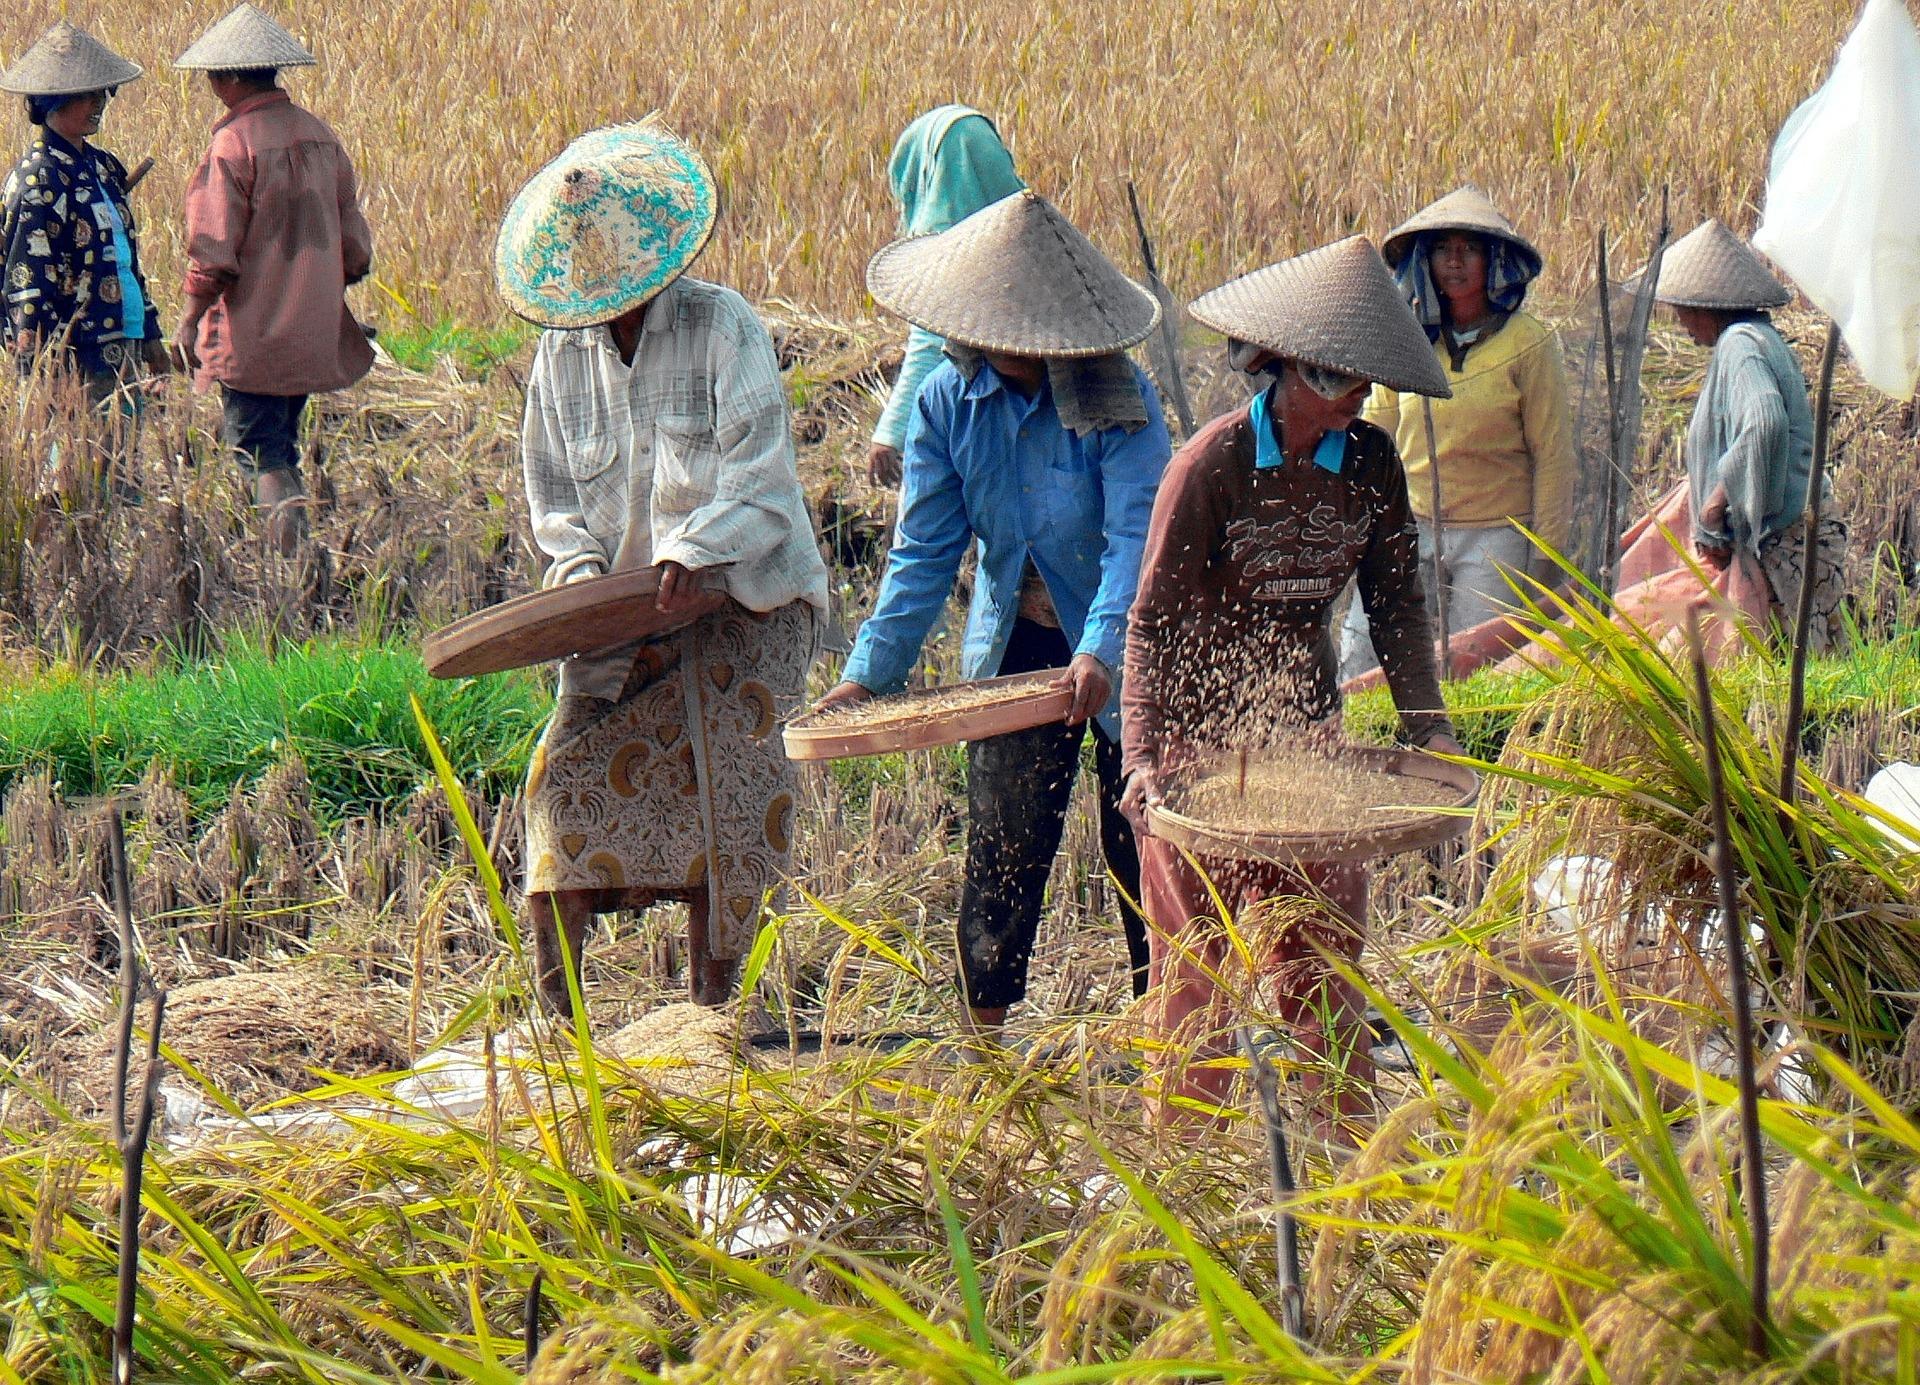 Plastová rýže z Asie se blíží. Podívejte se, jak ji rozpoznat.